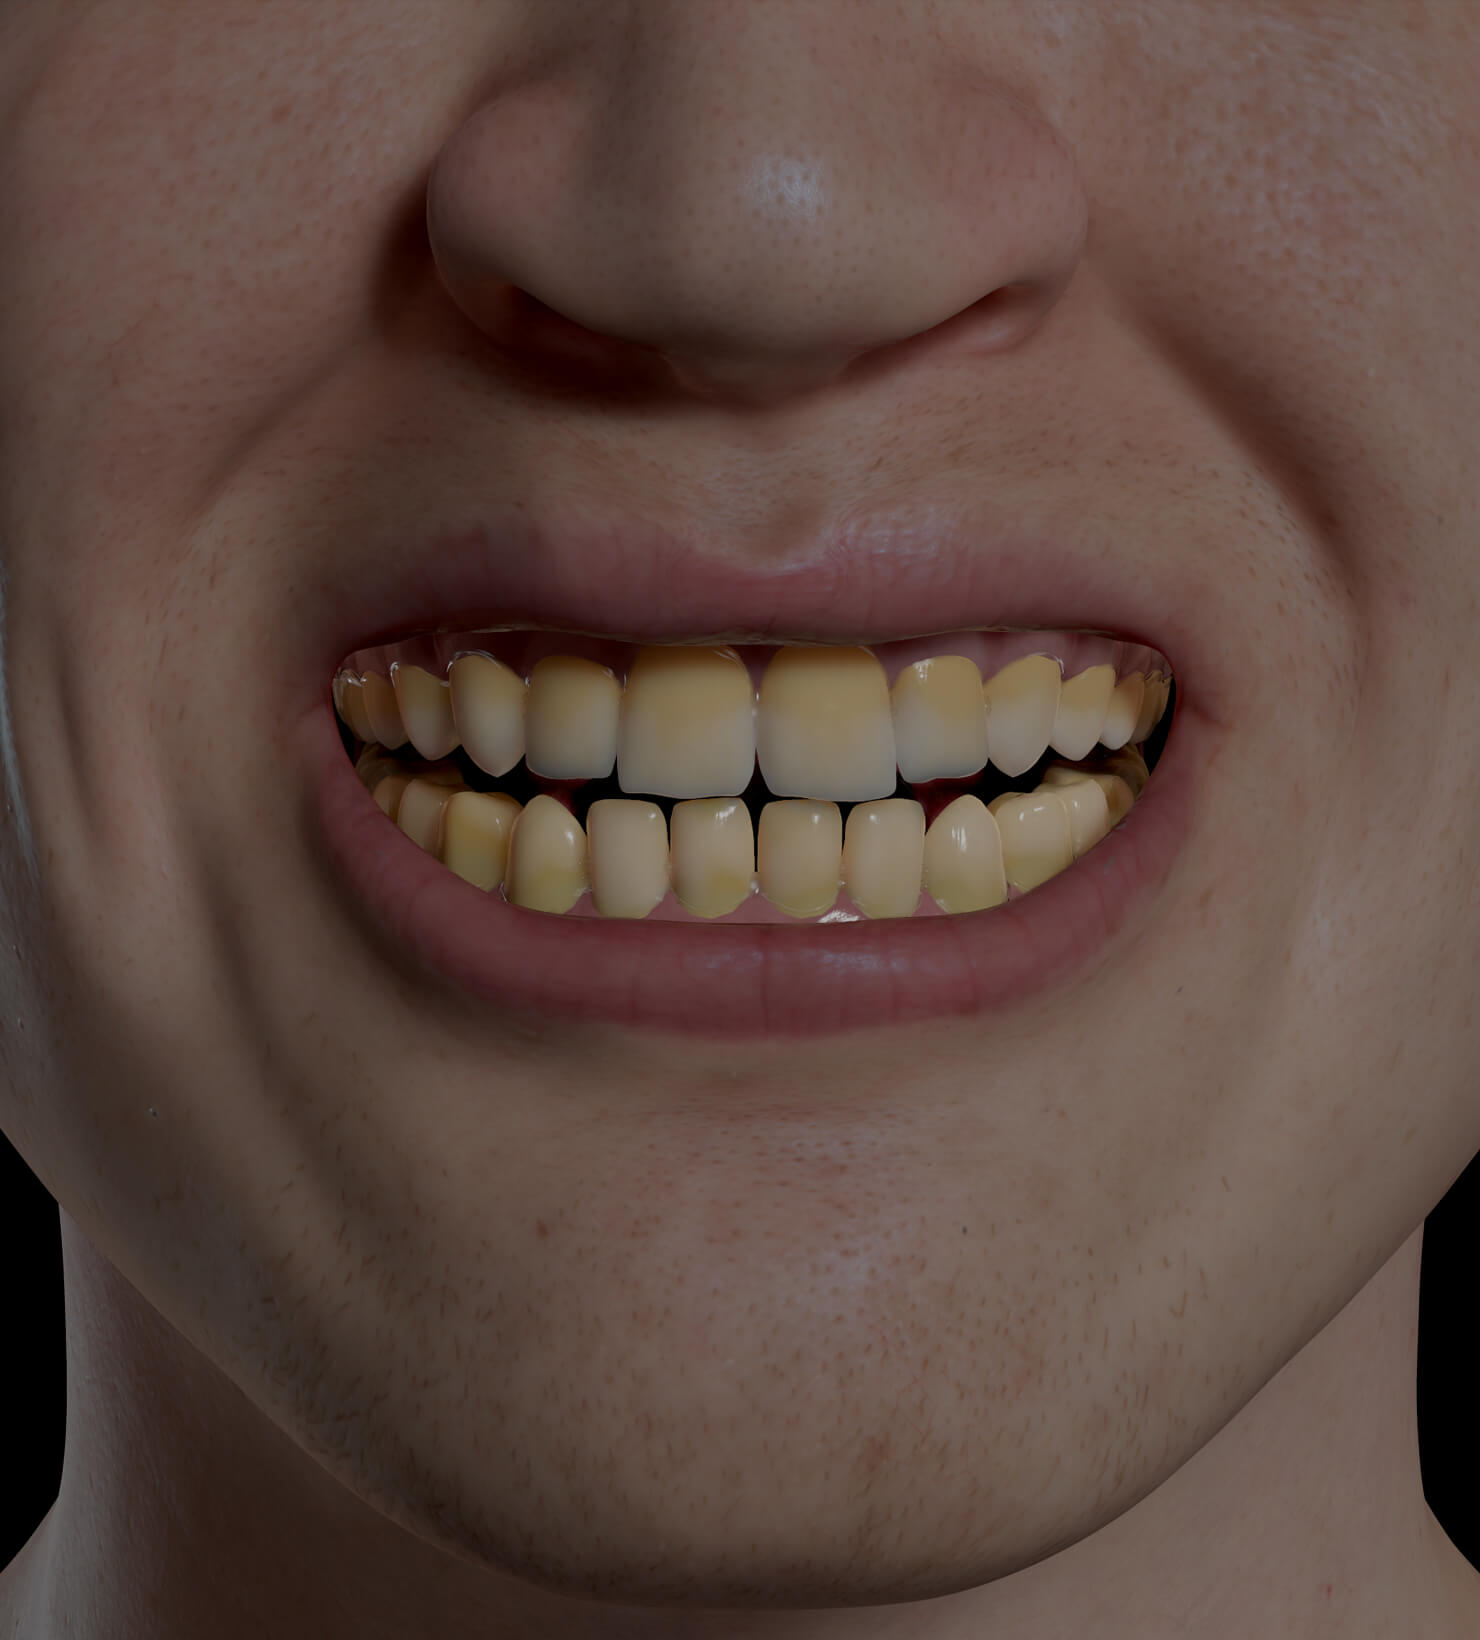 Patient de la Clinique Chloé présentant une décoloration des dents traité pour un blanchiment dentaire professionnel